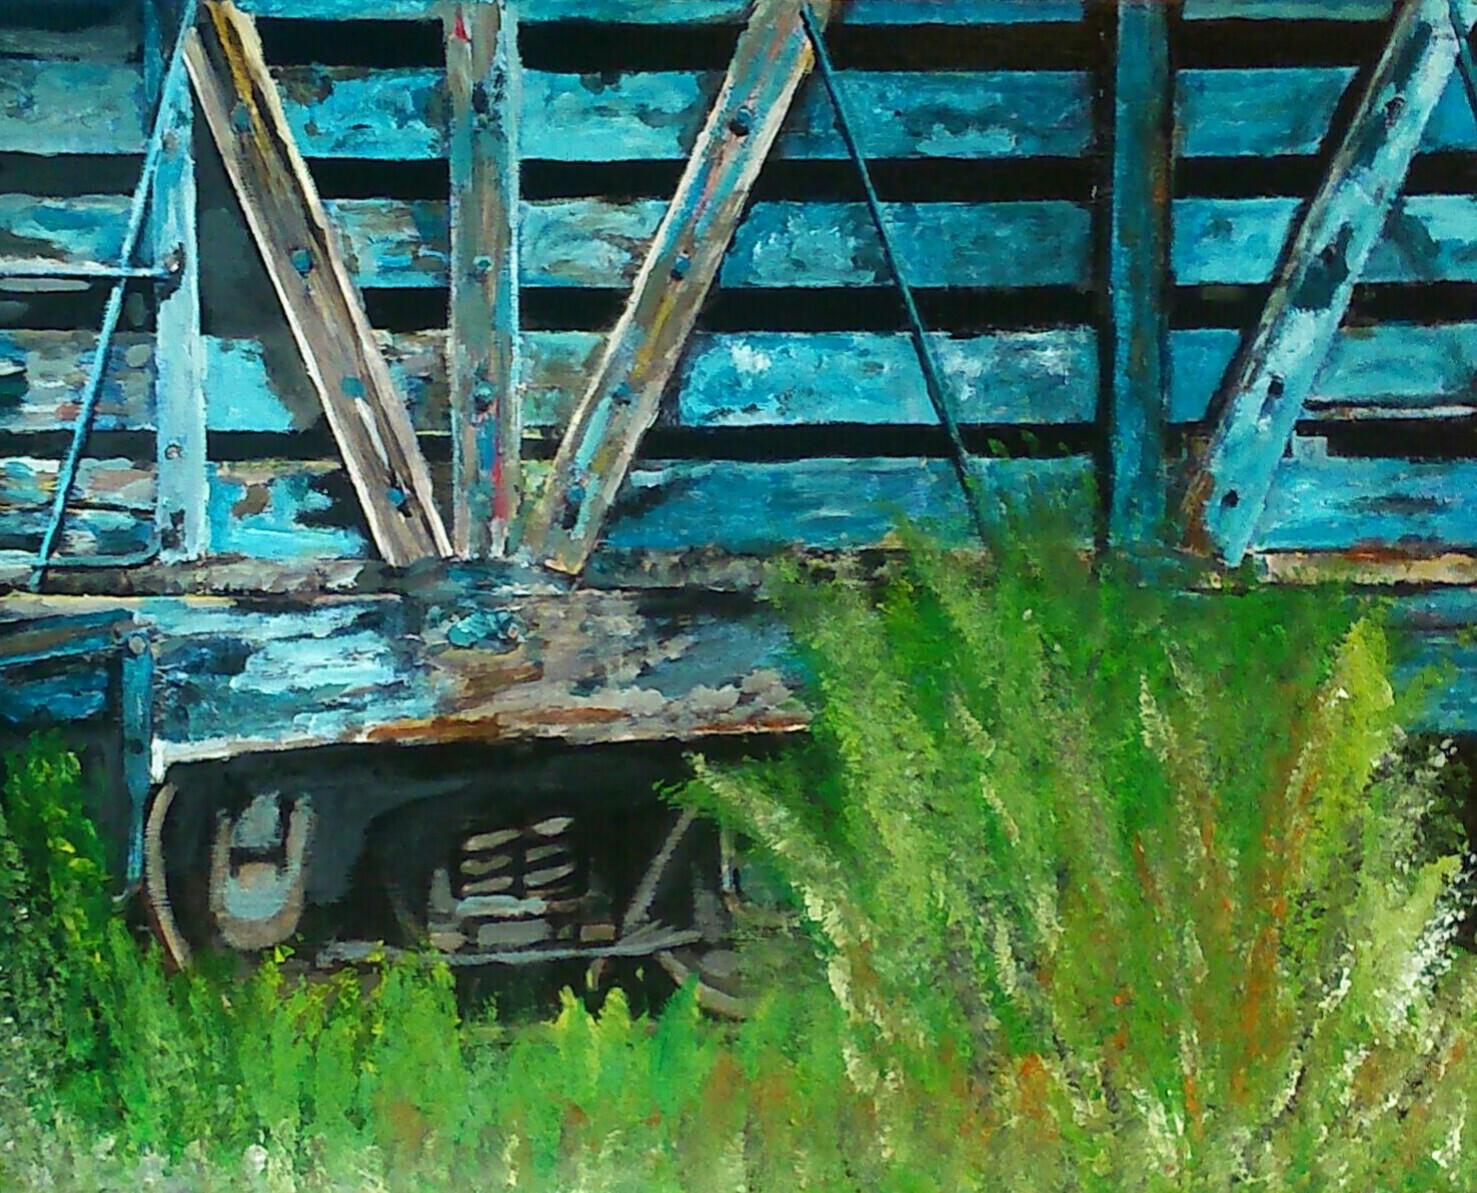 Vieux wagon en bois